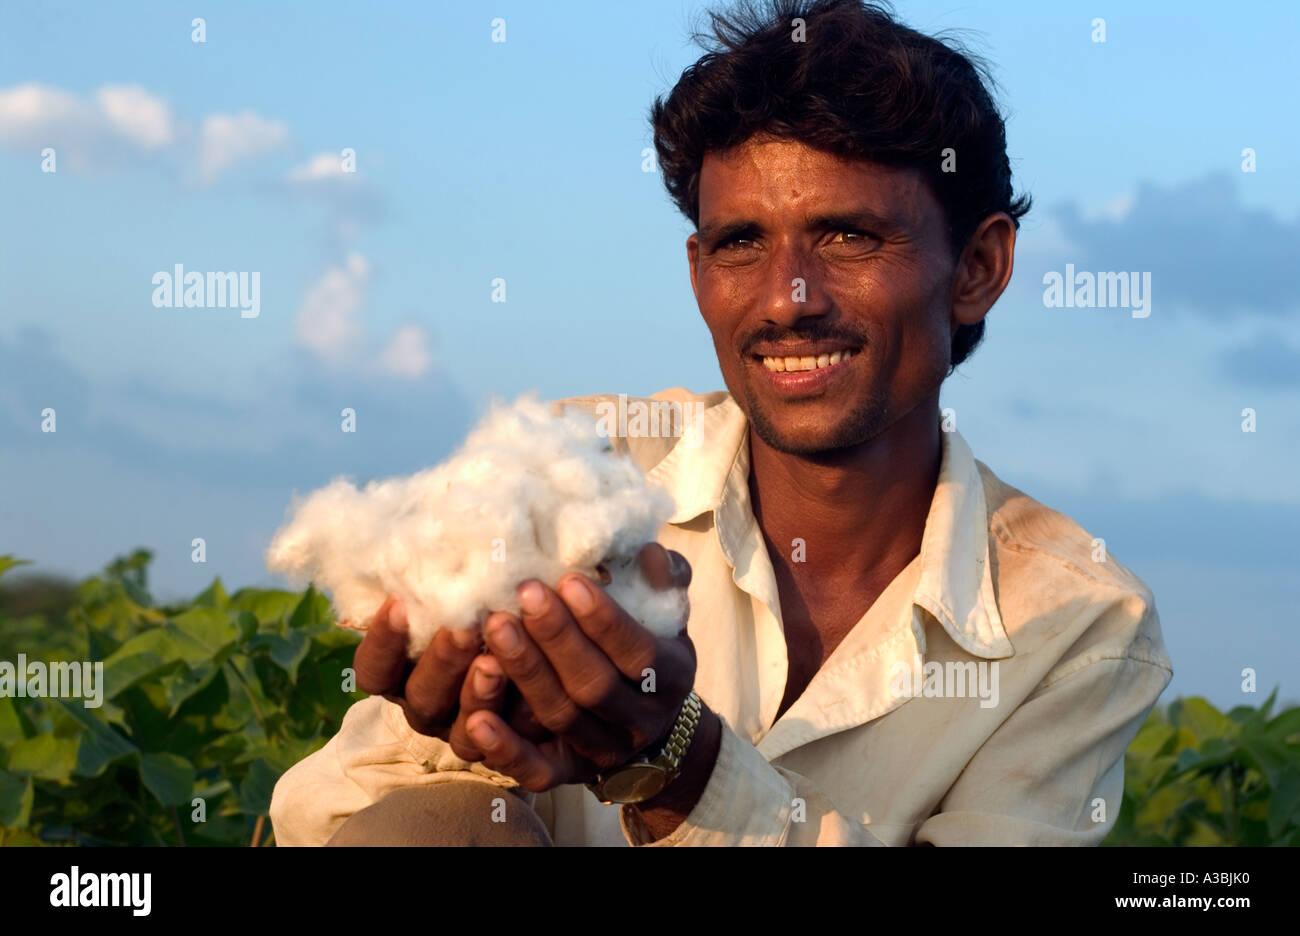 Granjero en Guajarat India cultiva algodón que él vende bajo el esquema de Comercio Justo Fairtrade a Marks & Spencer Imagen De Stock